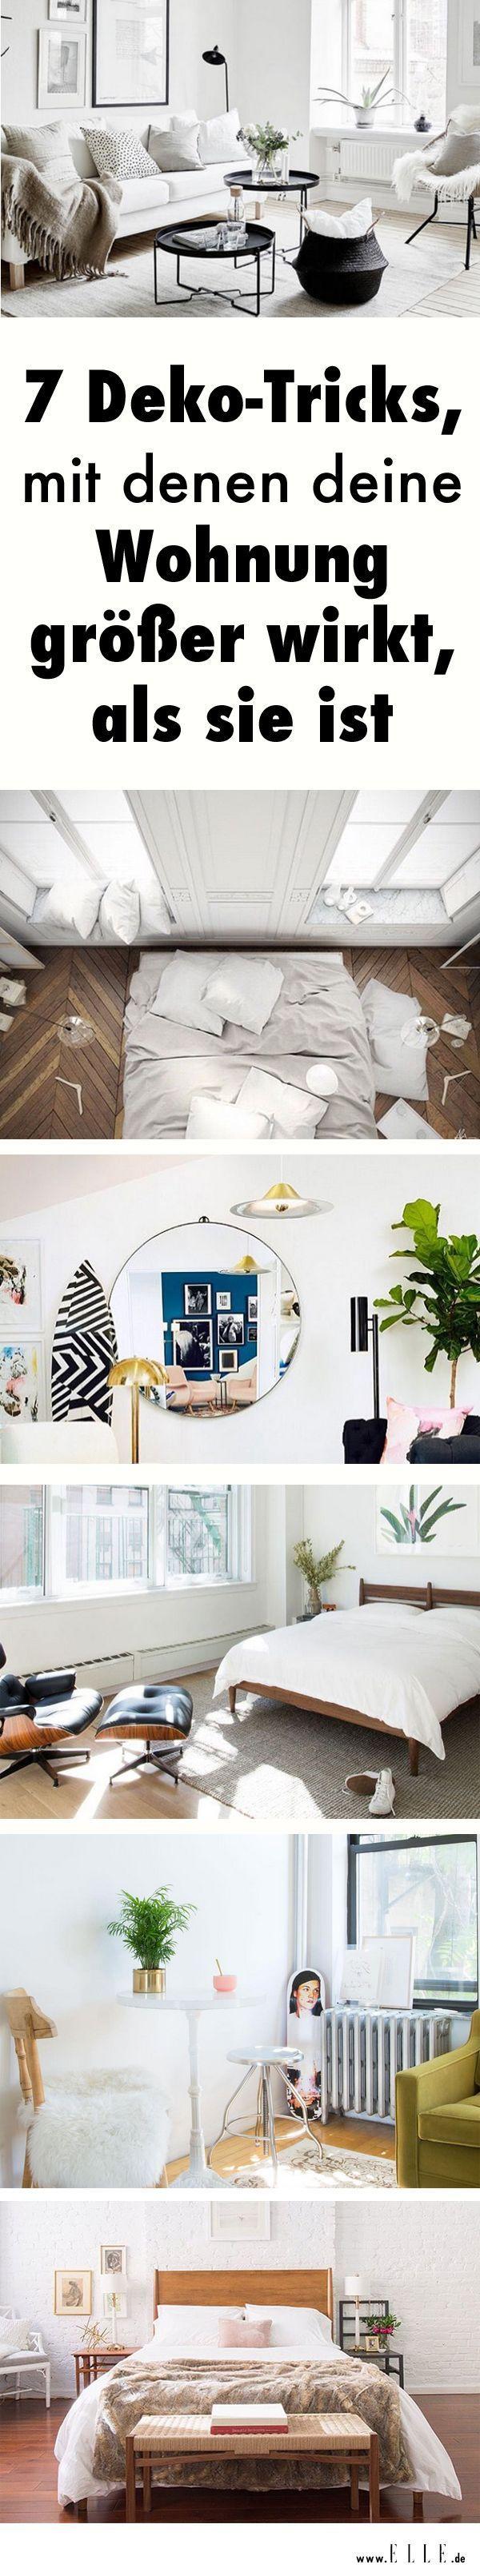 7 Deko Tricks, Mit Denen Deine Wohnung Größer Wirkt, Als Sie Ist